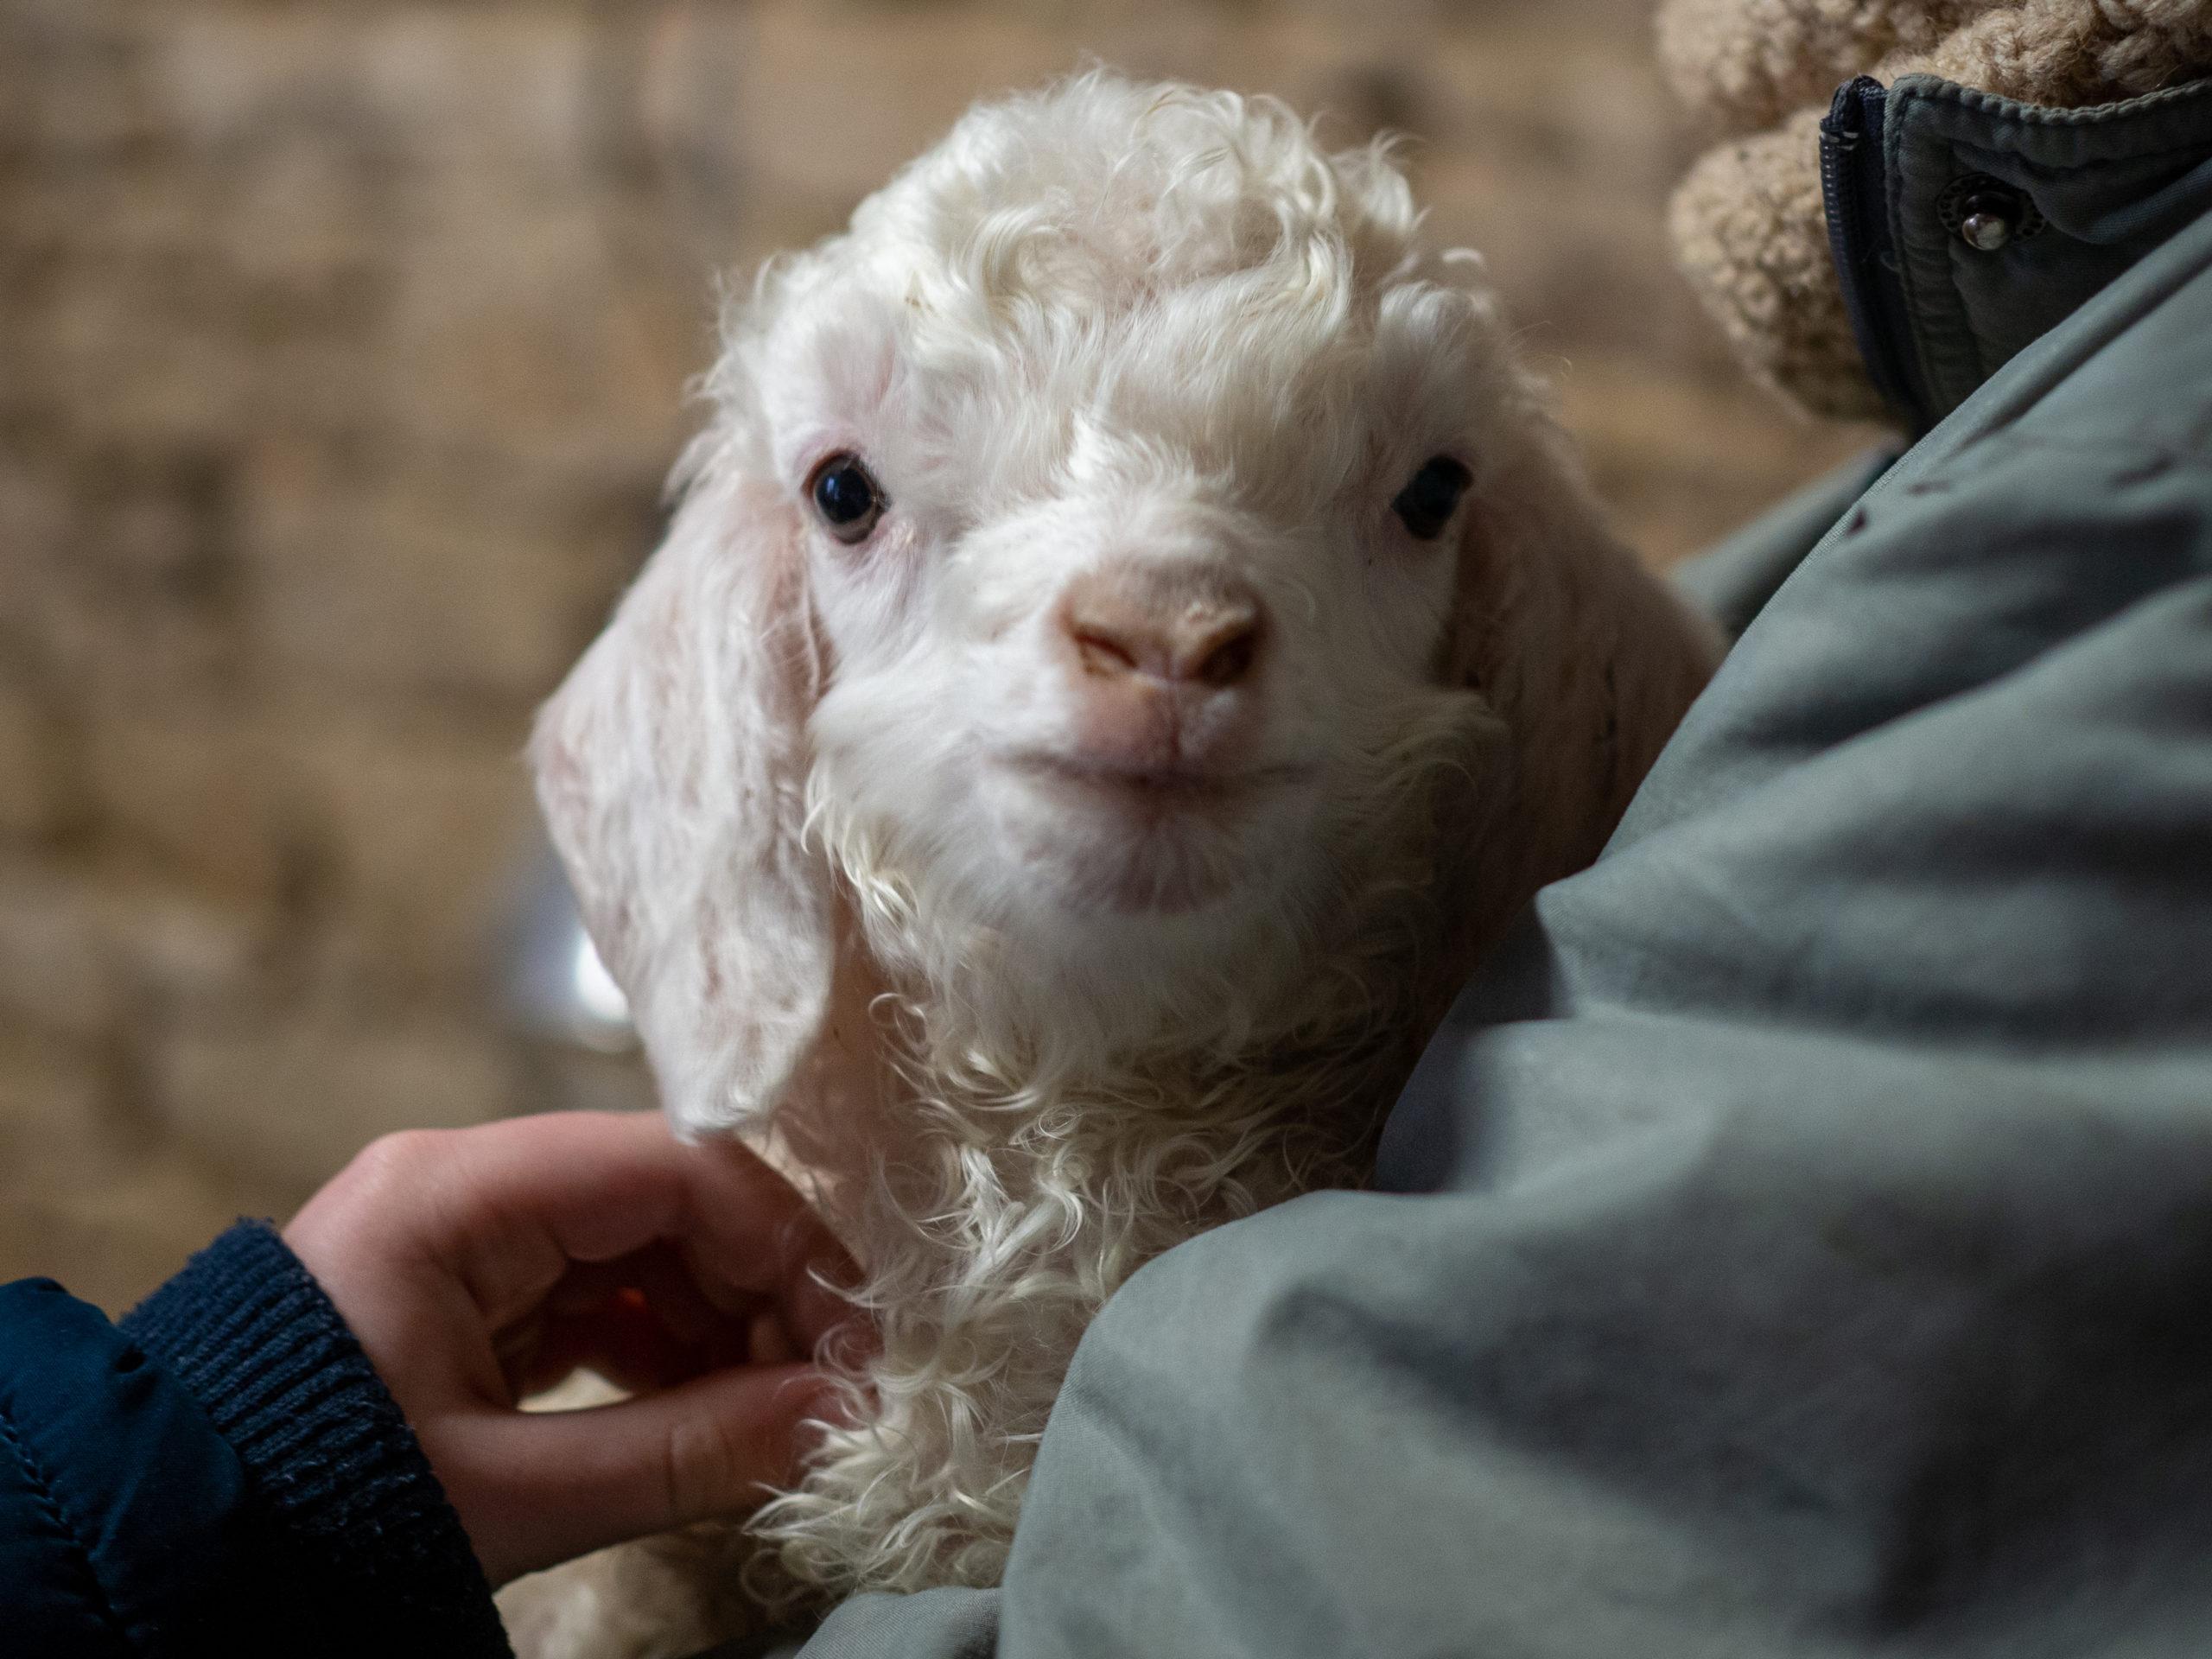 Chèvres angora laine mohair local producteur ferme des P'tits bergers chaussy atraps loiret Essonne Angerville